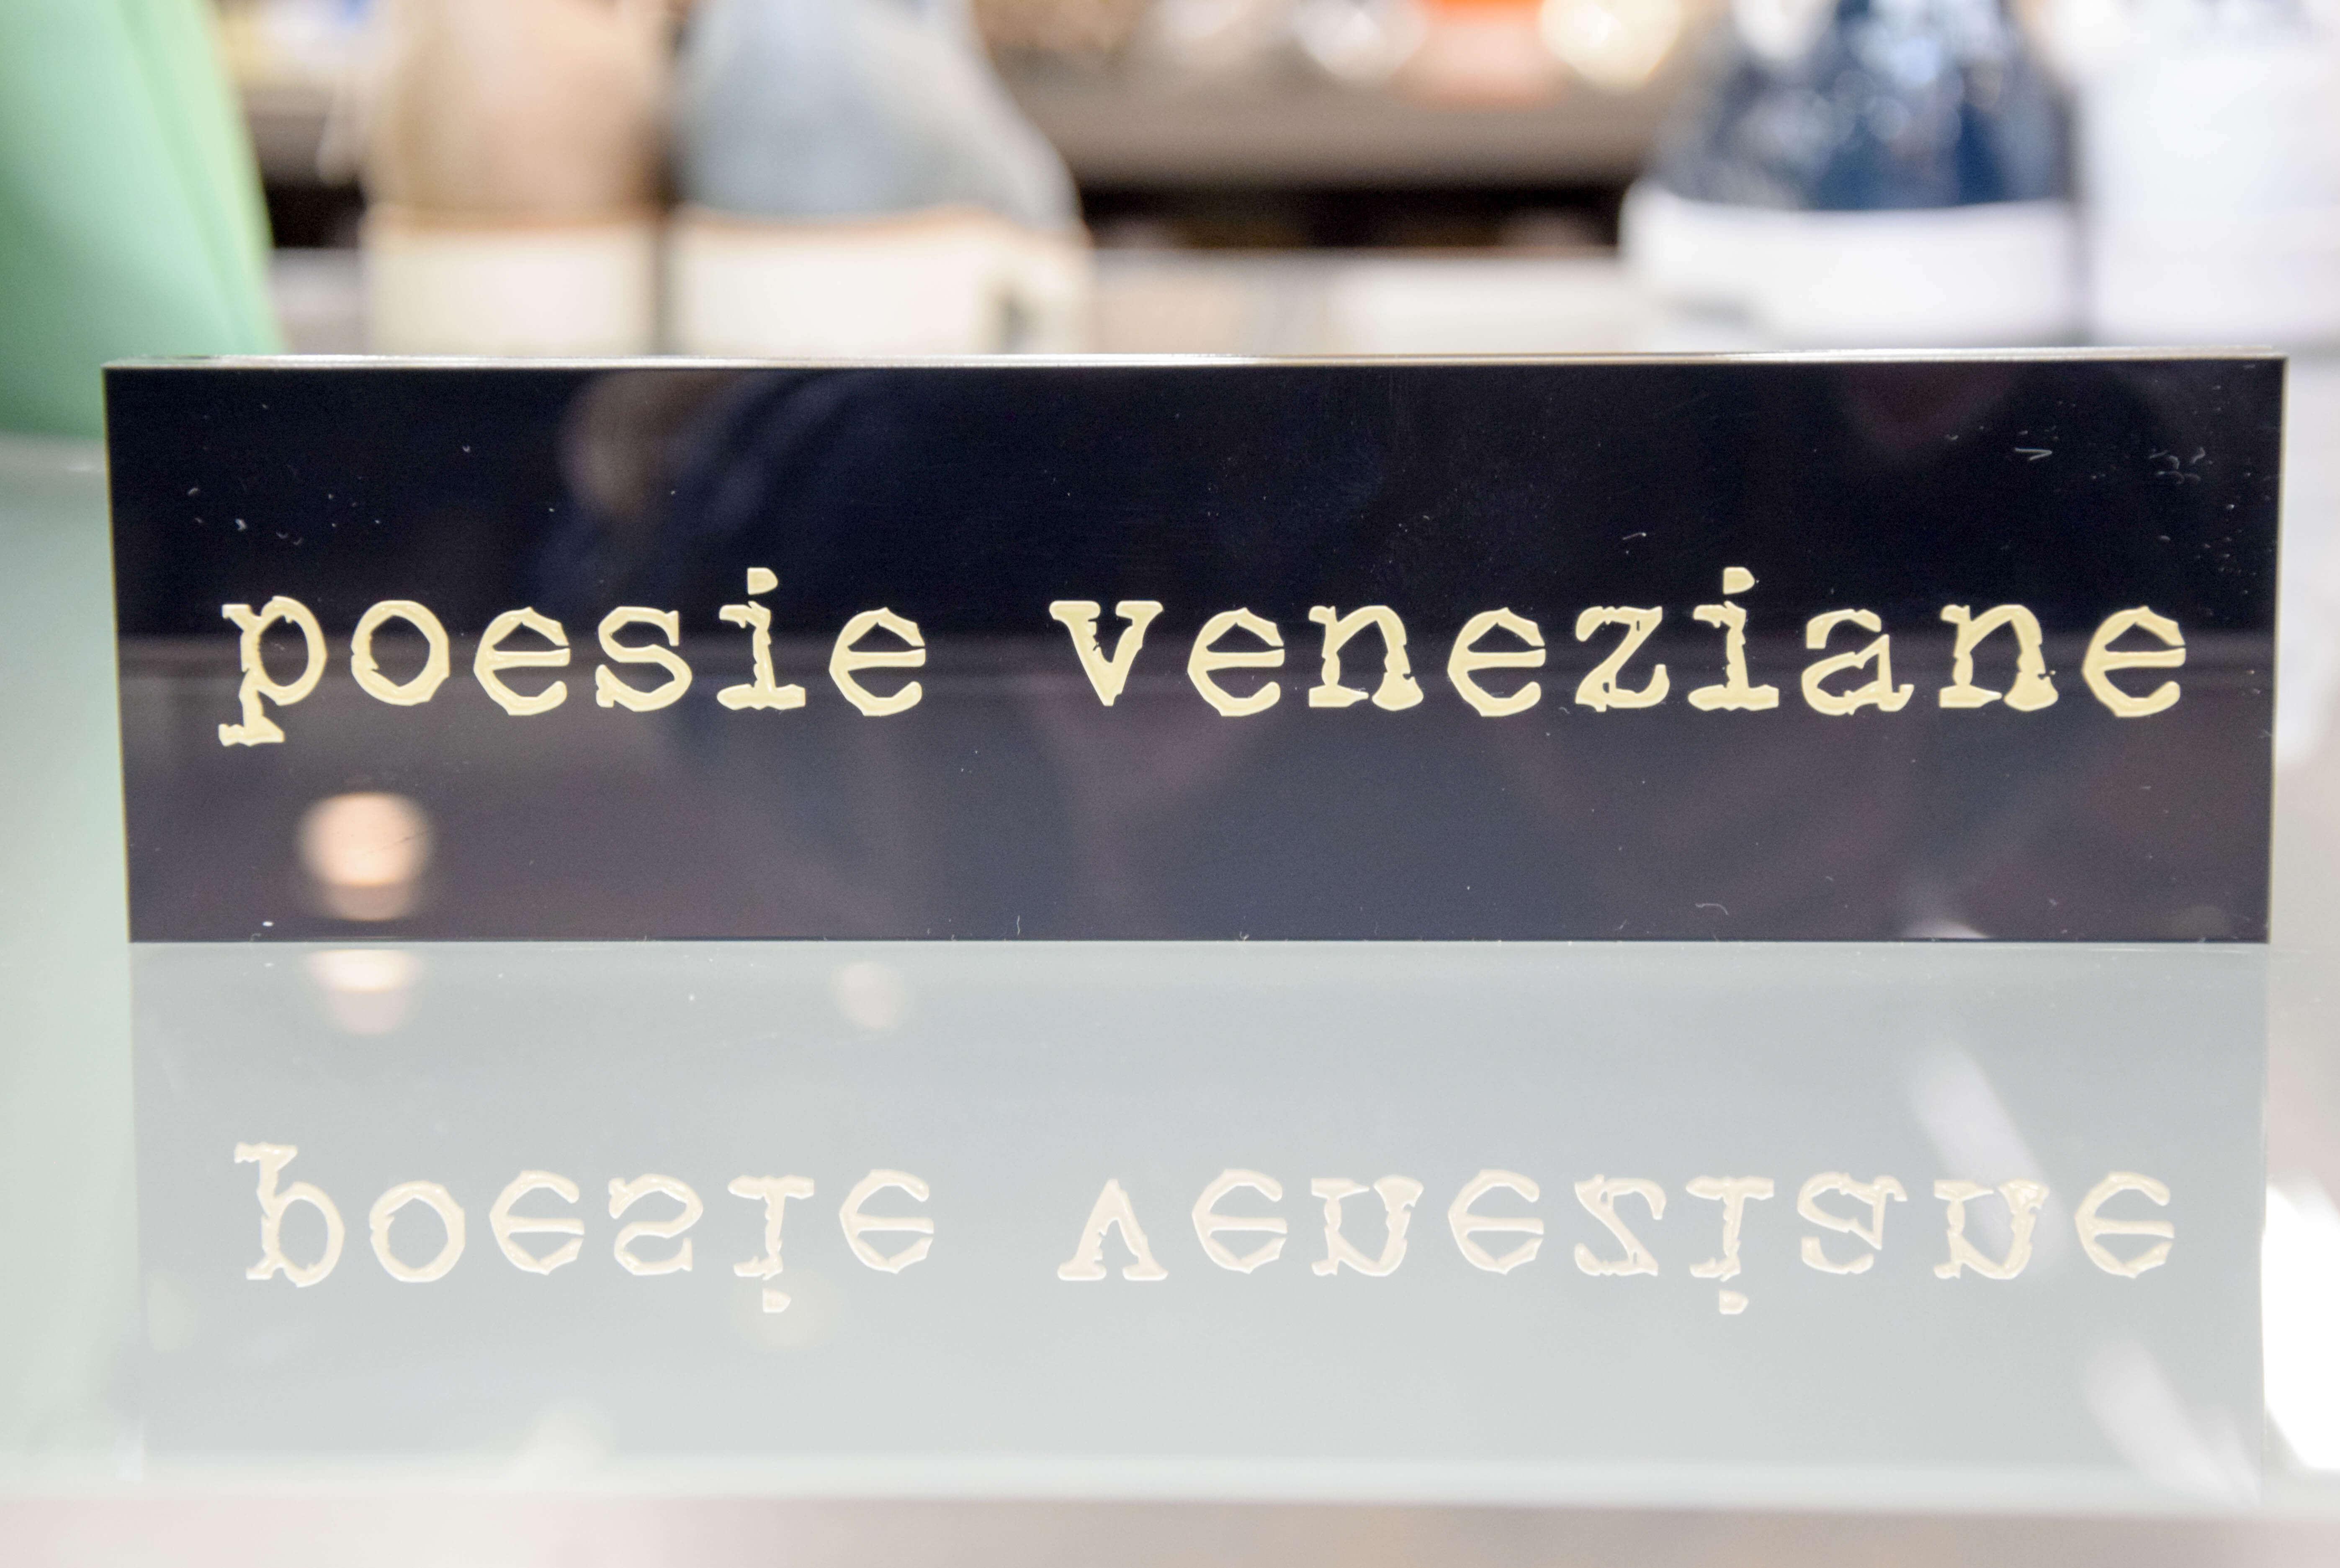 Poesie Veneziane by mintnmelon Babsi Sonnenschein 11